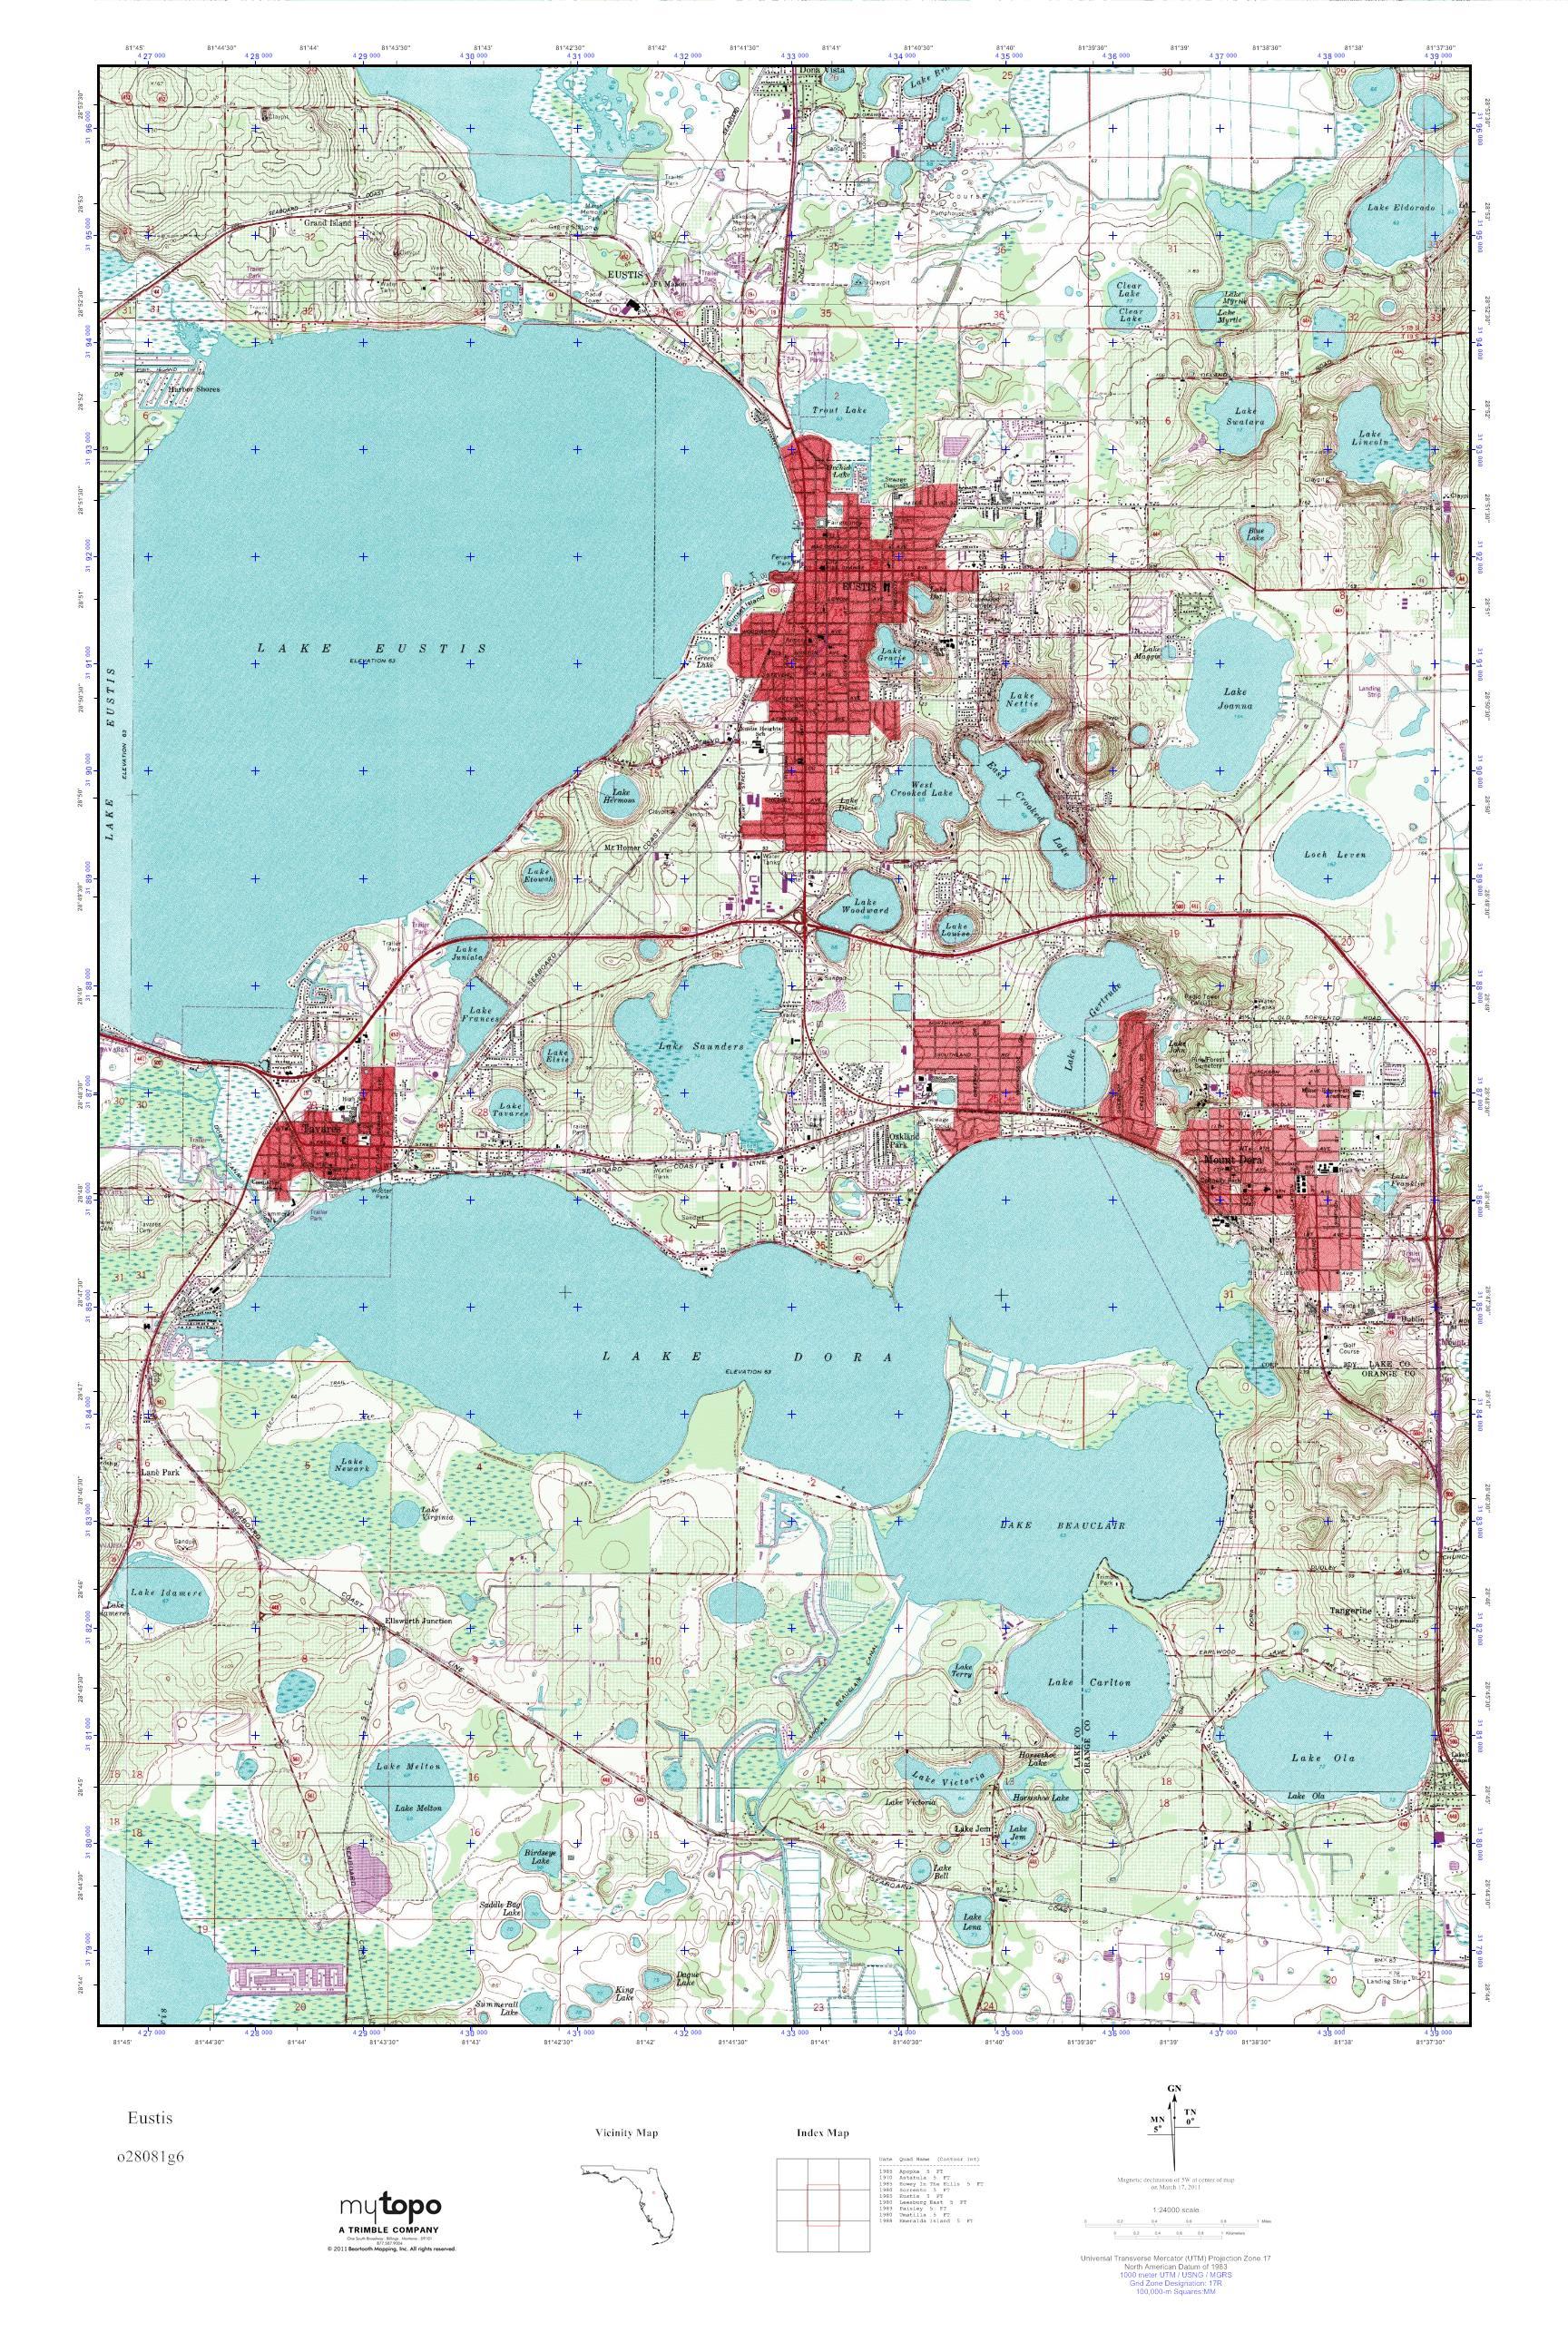 MyTopo Eustis Florida USGS Quad Topo Map - Florida map eustis